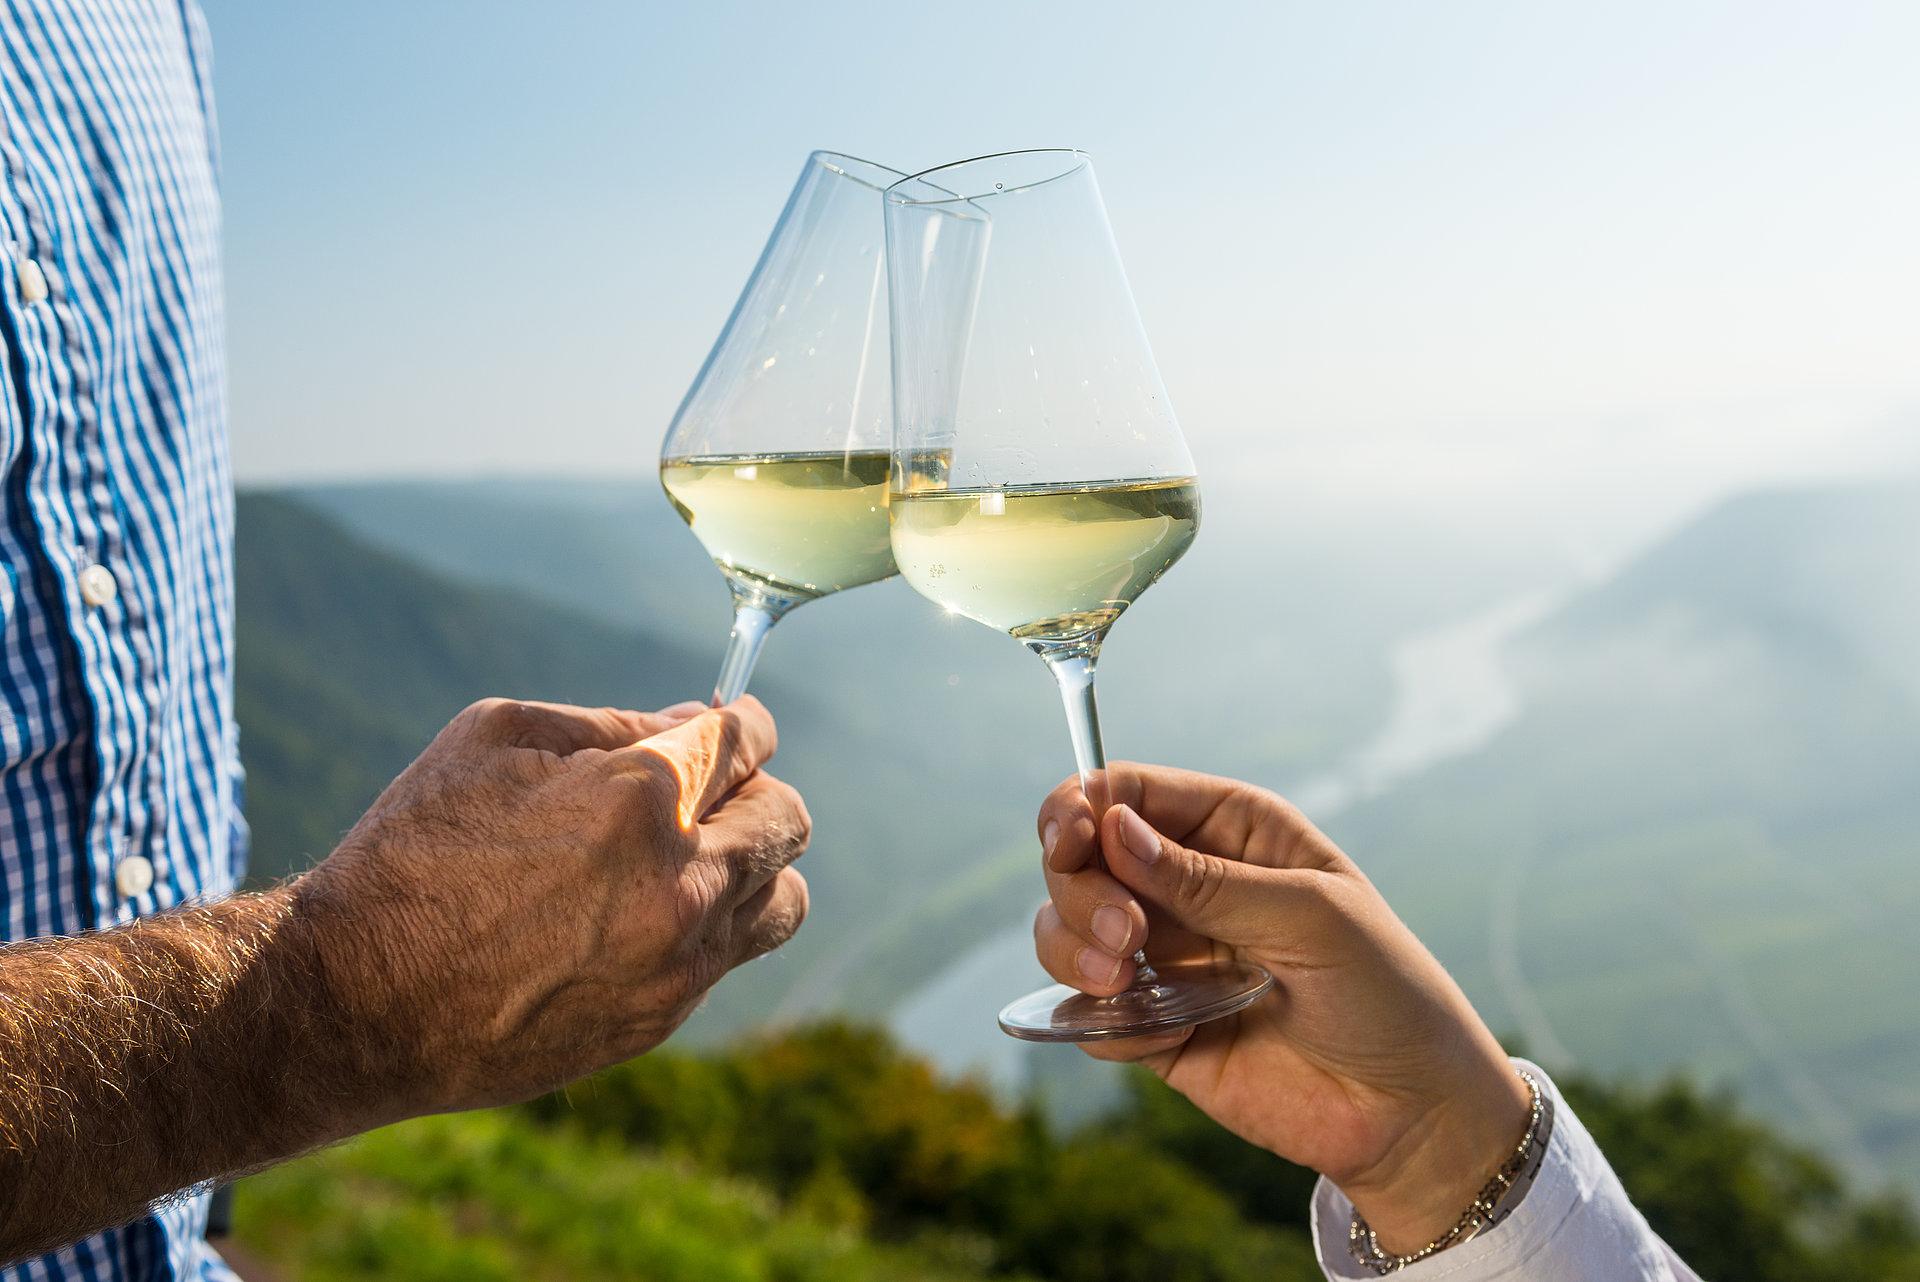 Geniet van wijn bij de Moezellus bij Bremm, Moezel-regio